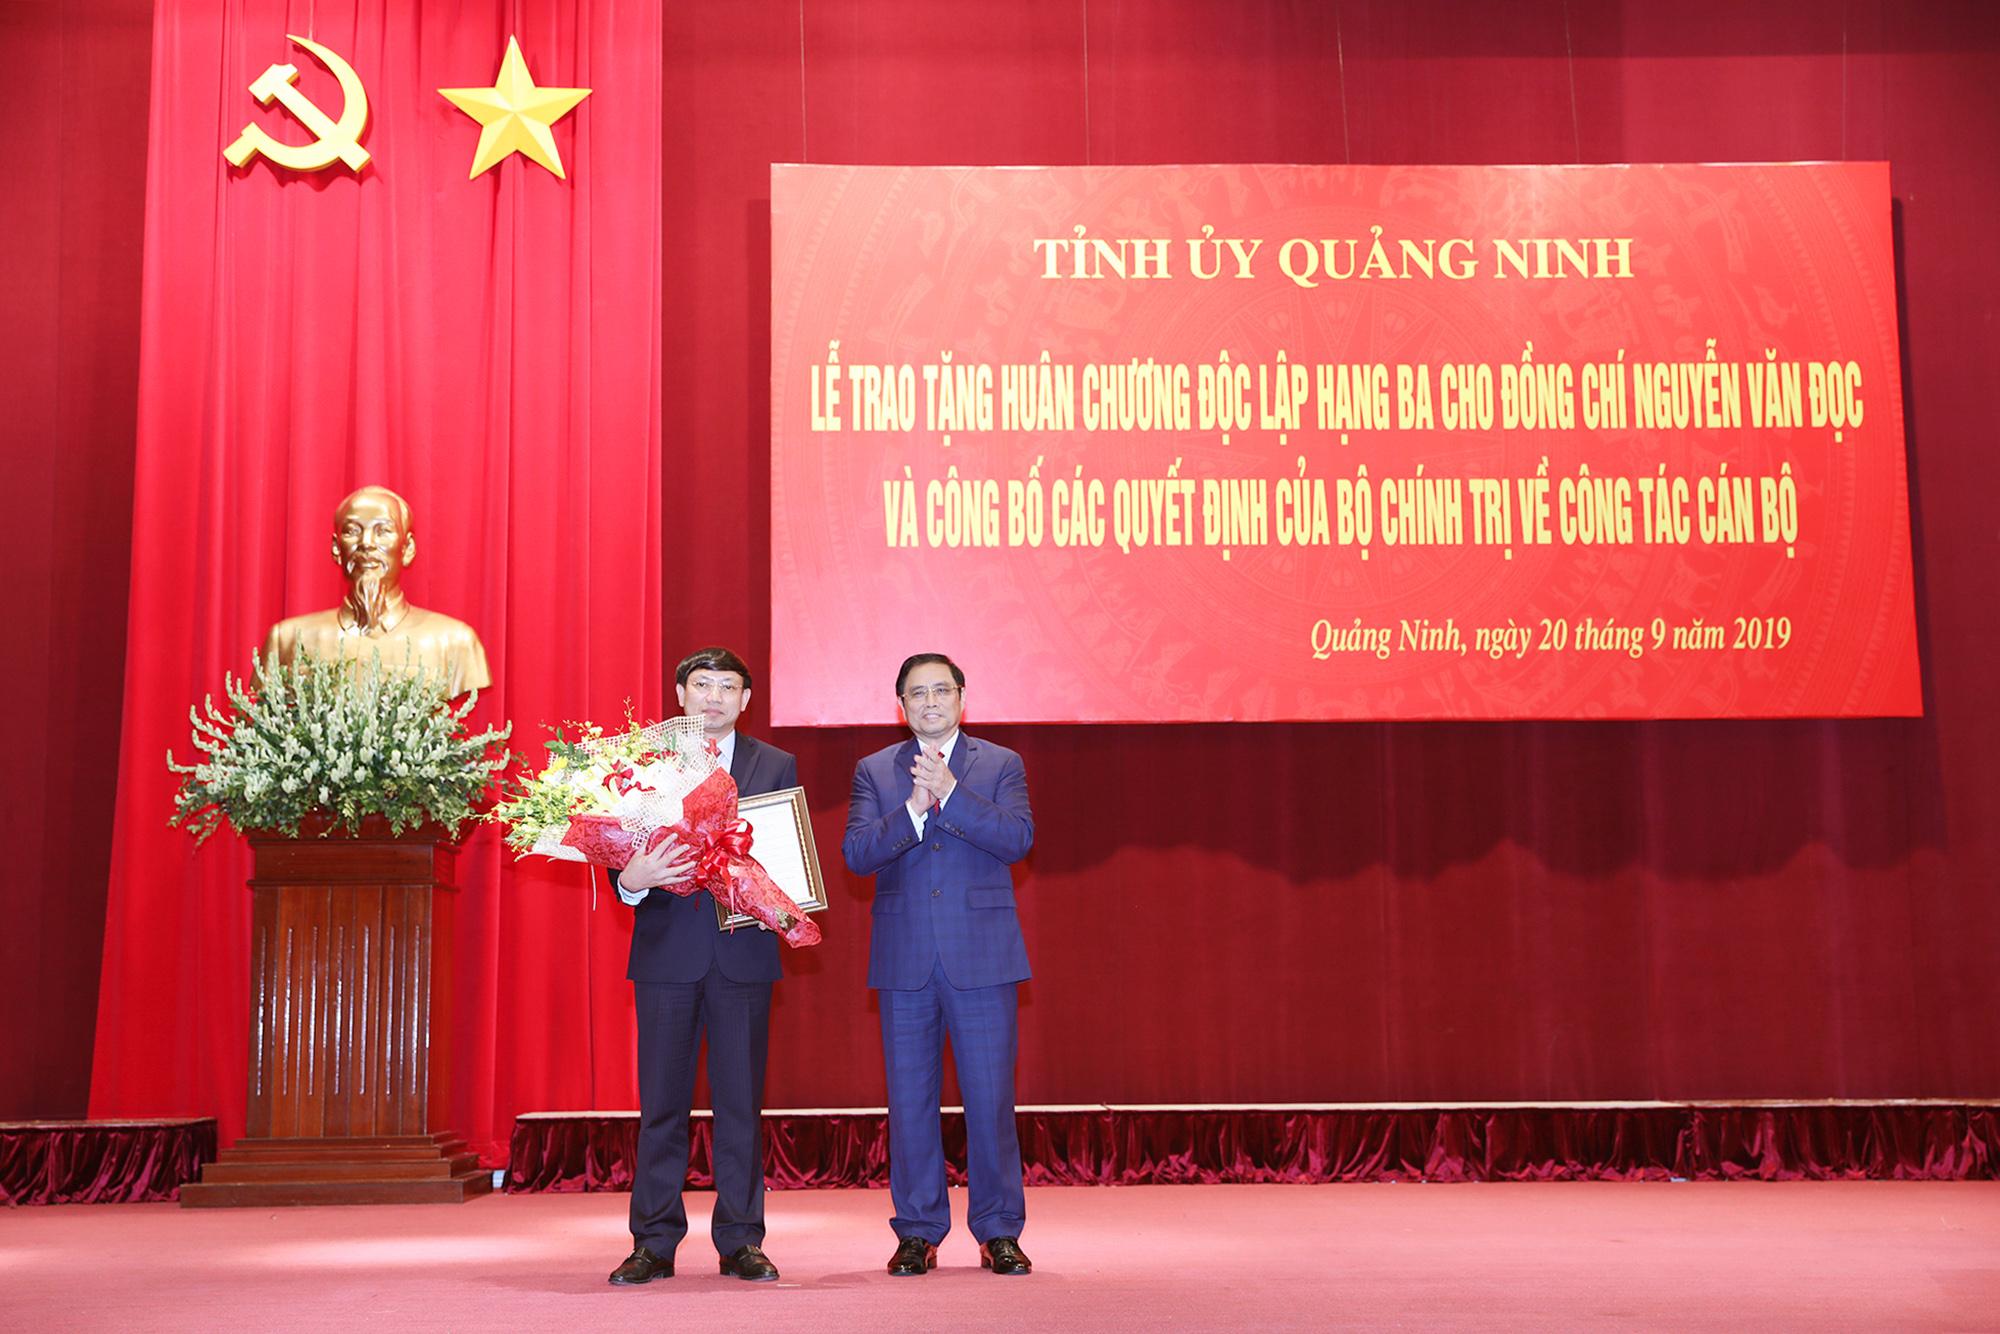 Đồng chí Nguyễn Xuân Ký giữ chức Bí thư Tỉnh ủy Quảng Ninh